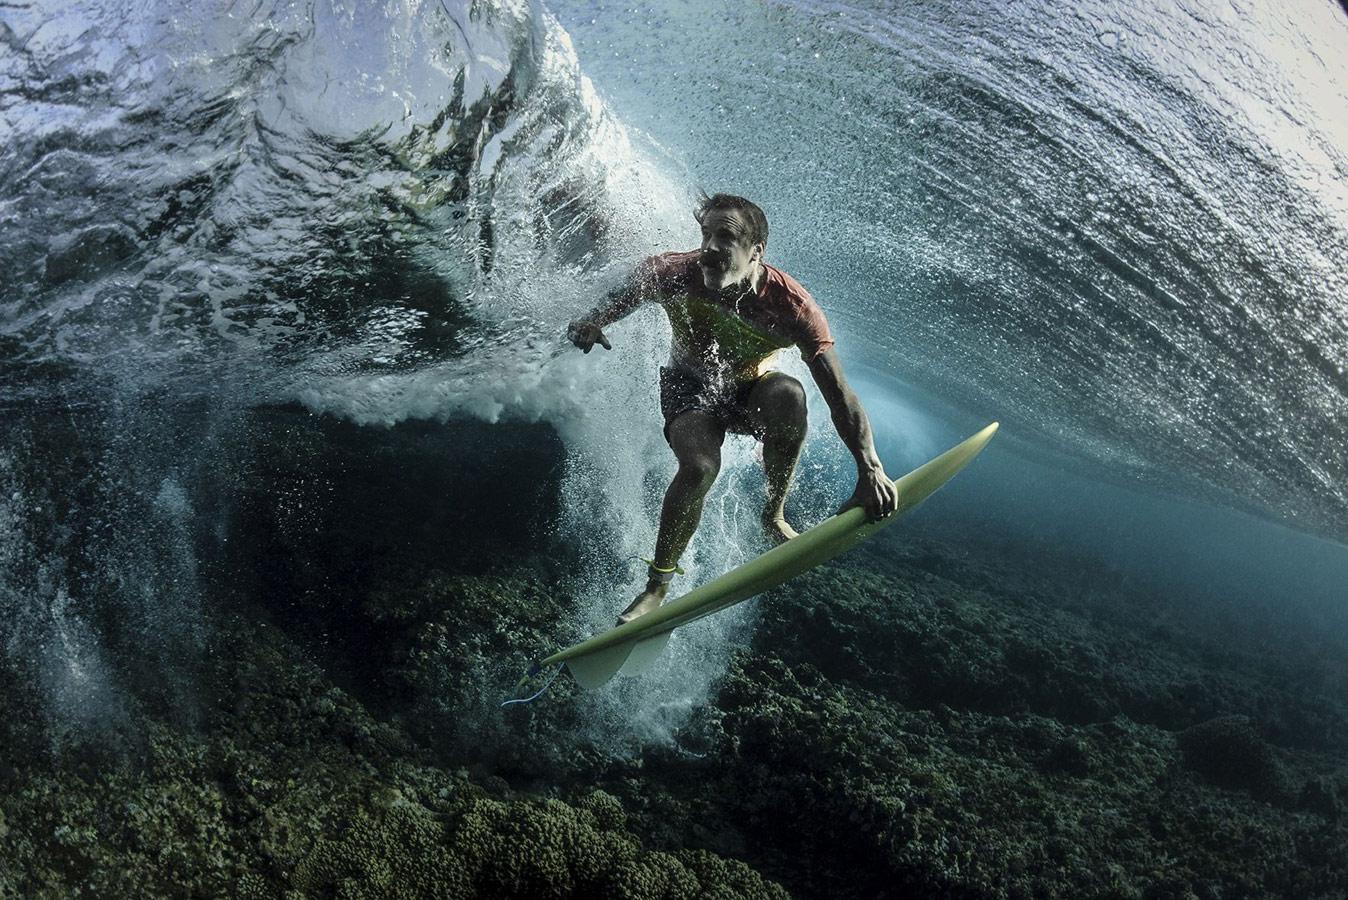 Родни Бурсиэль, США / Rodney Bursiel, USA, 3-е место в категории «Спорт в действии», Фотоконкурс Siena International Photography Awards